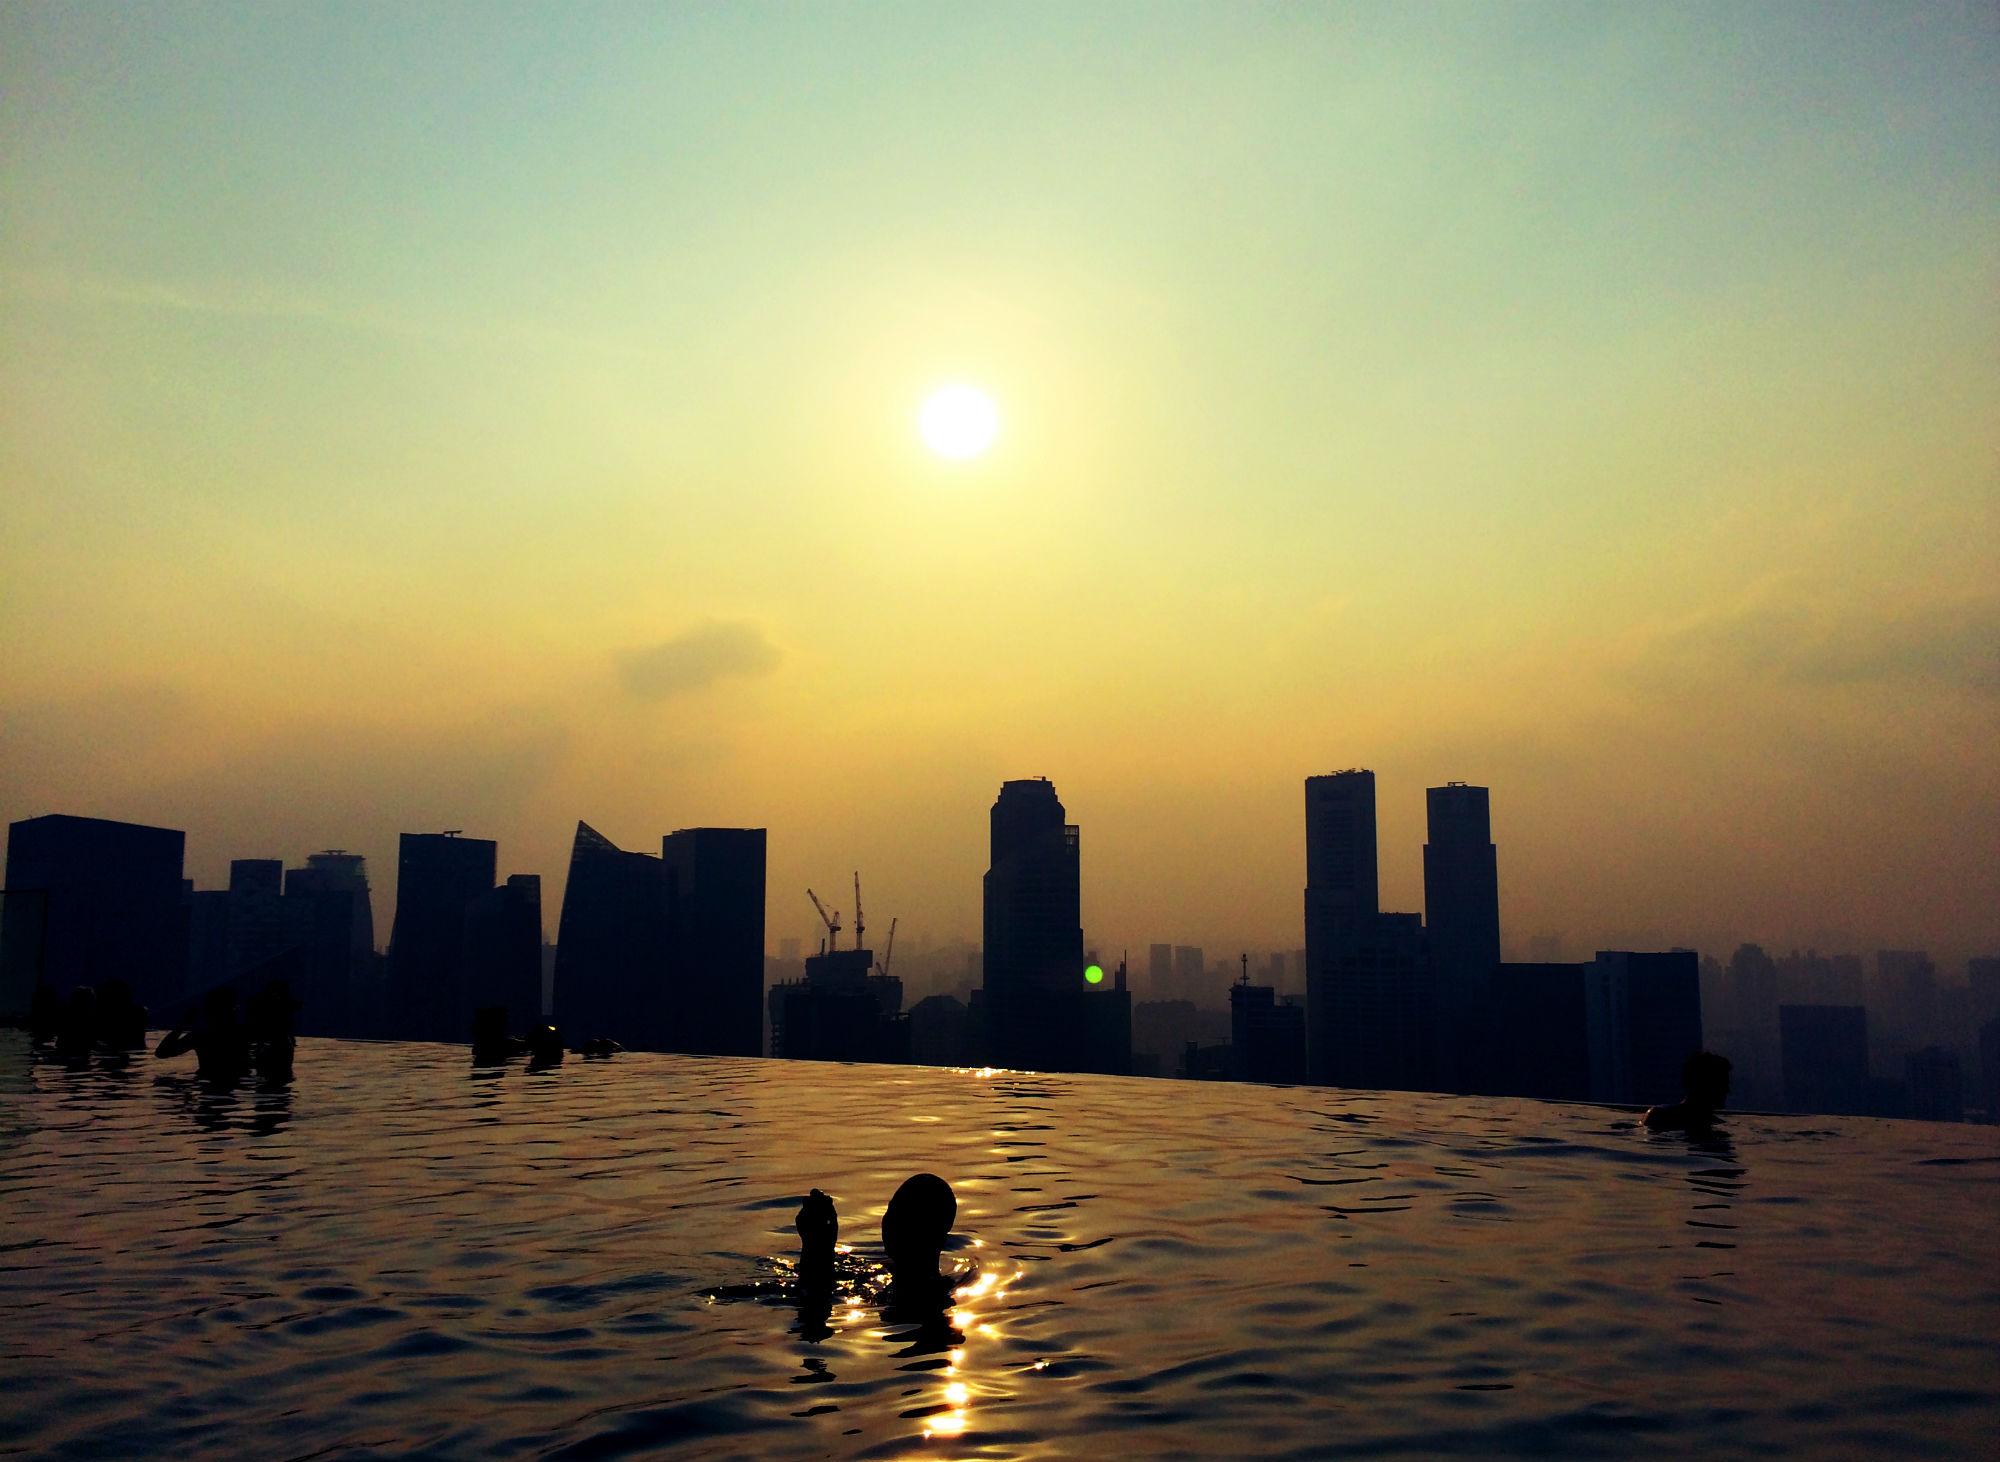 infinity pool singapore night. Infinity Pool At Night. Sundowner. Singapore Night